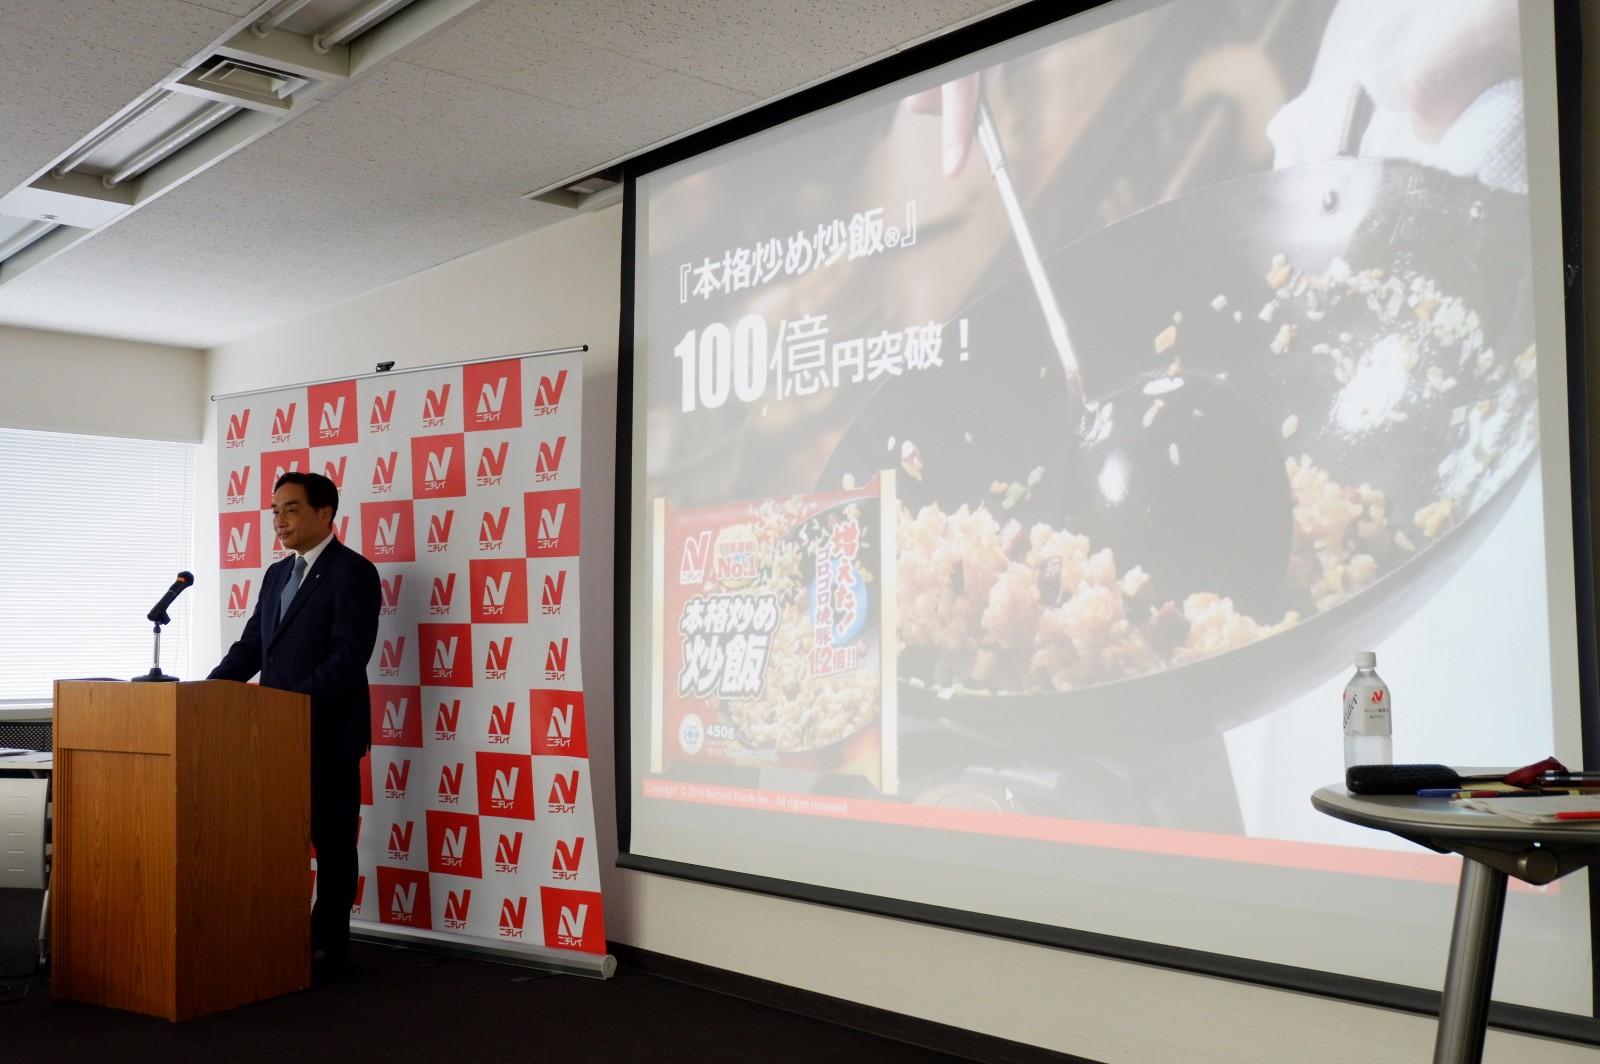 「本格炒め炒飯®」が100億円を突破!! 女性向けの炒めごはんは、、、